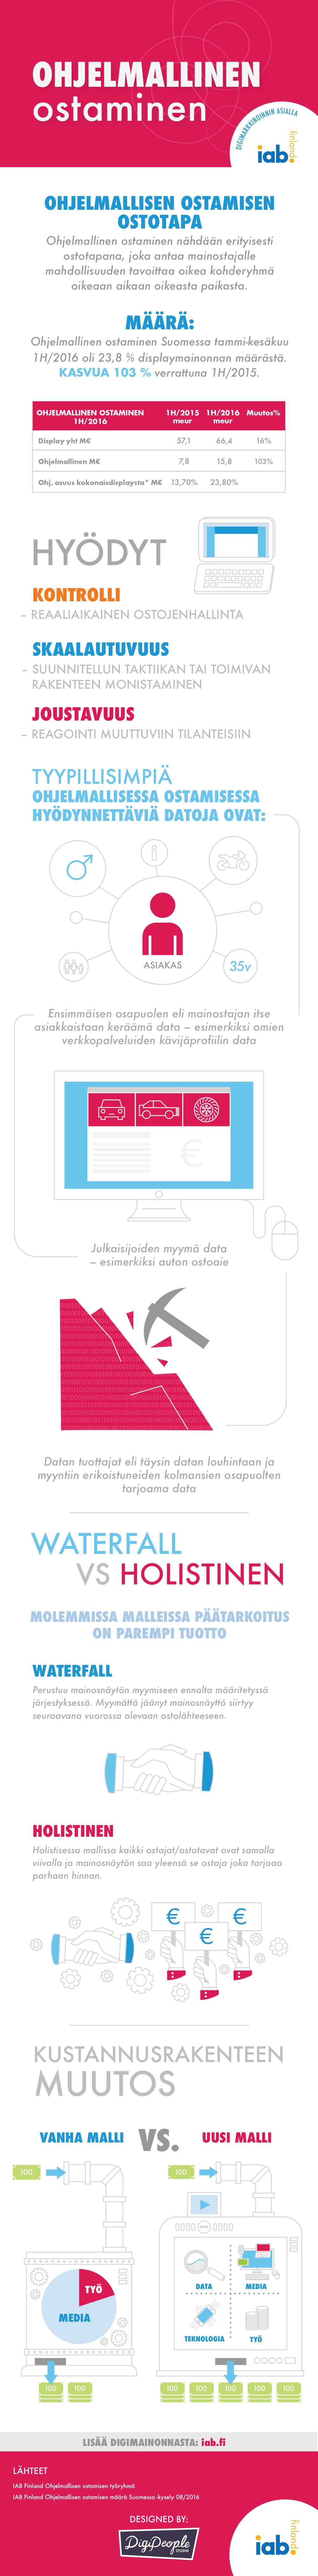 IAB ohjelmallisen ostamisen infograafi